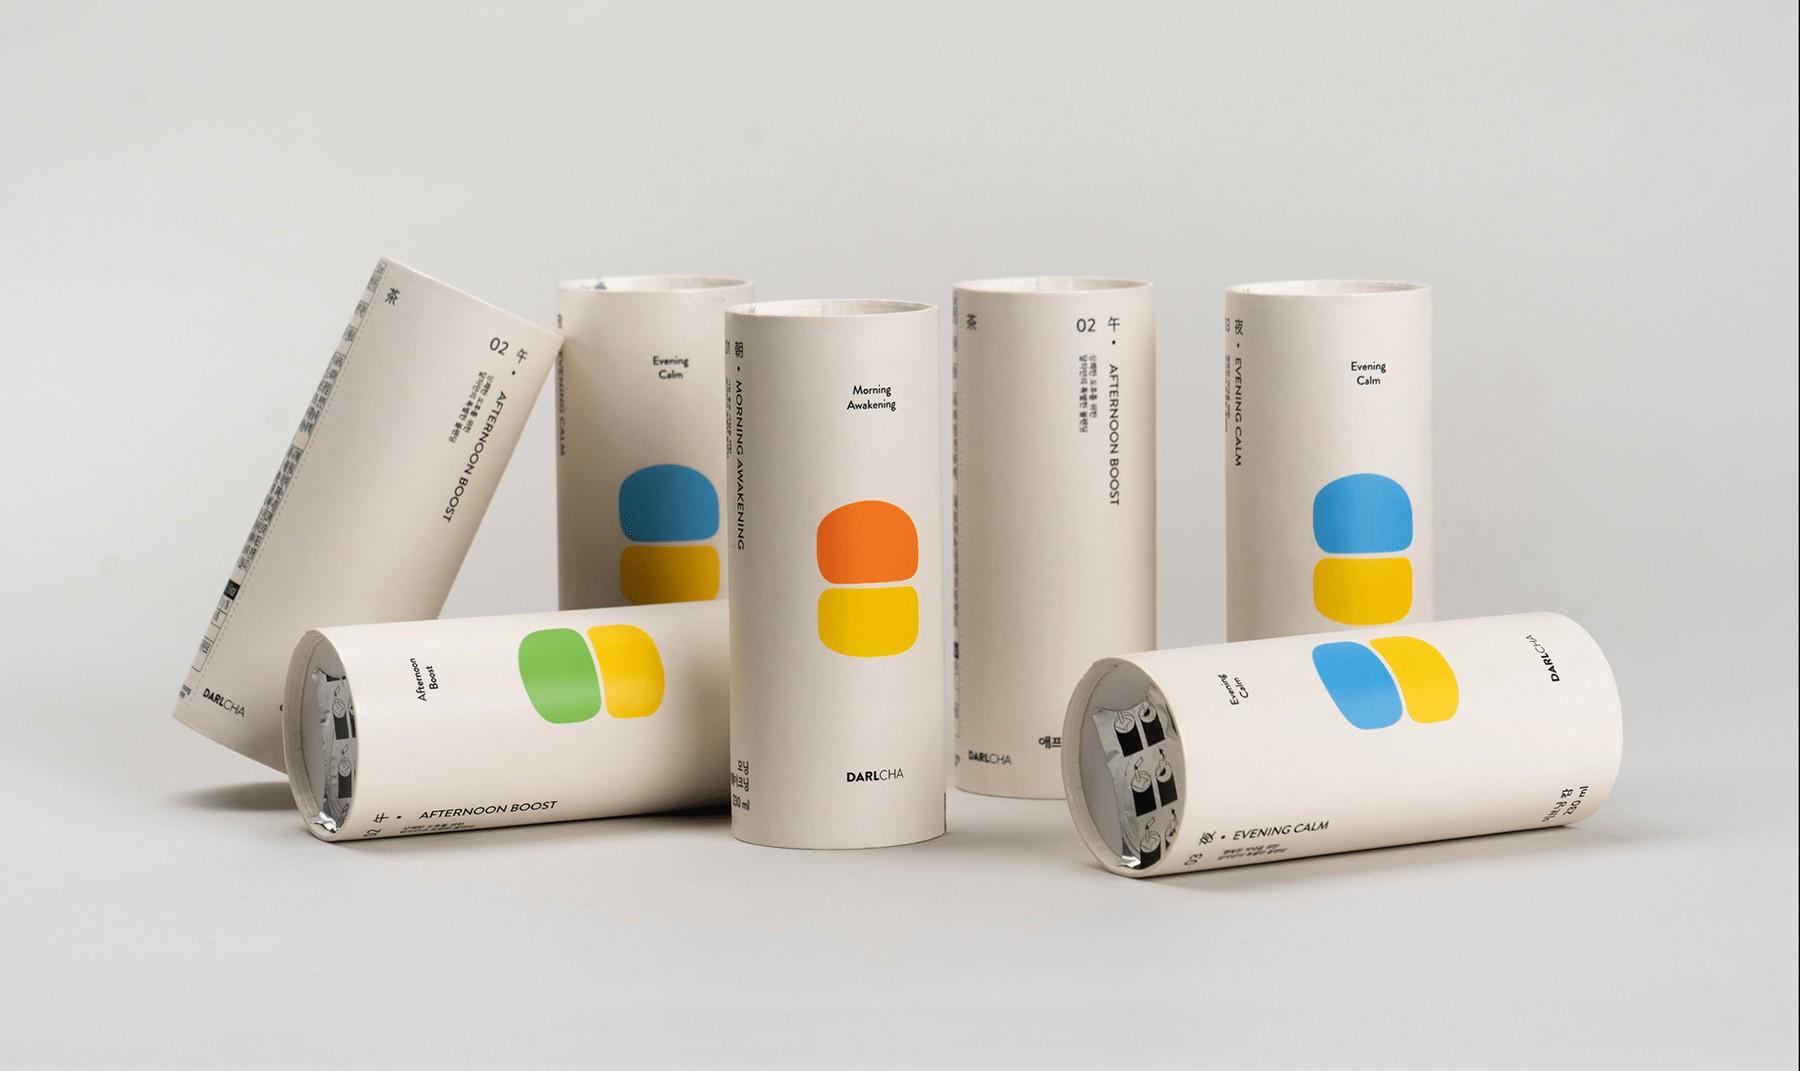 Darlcha (designed by AURG)